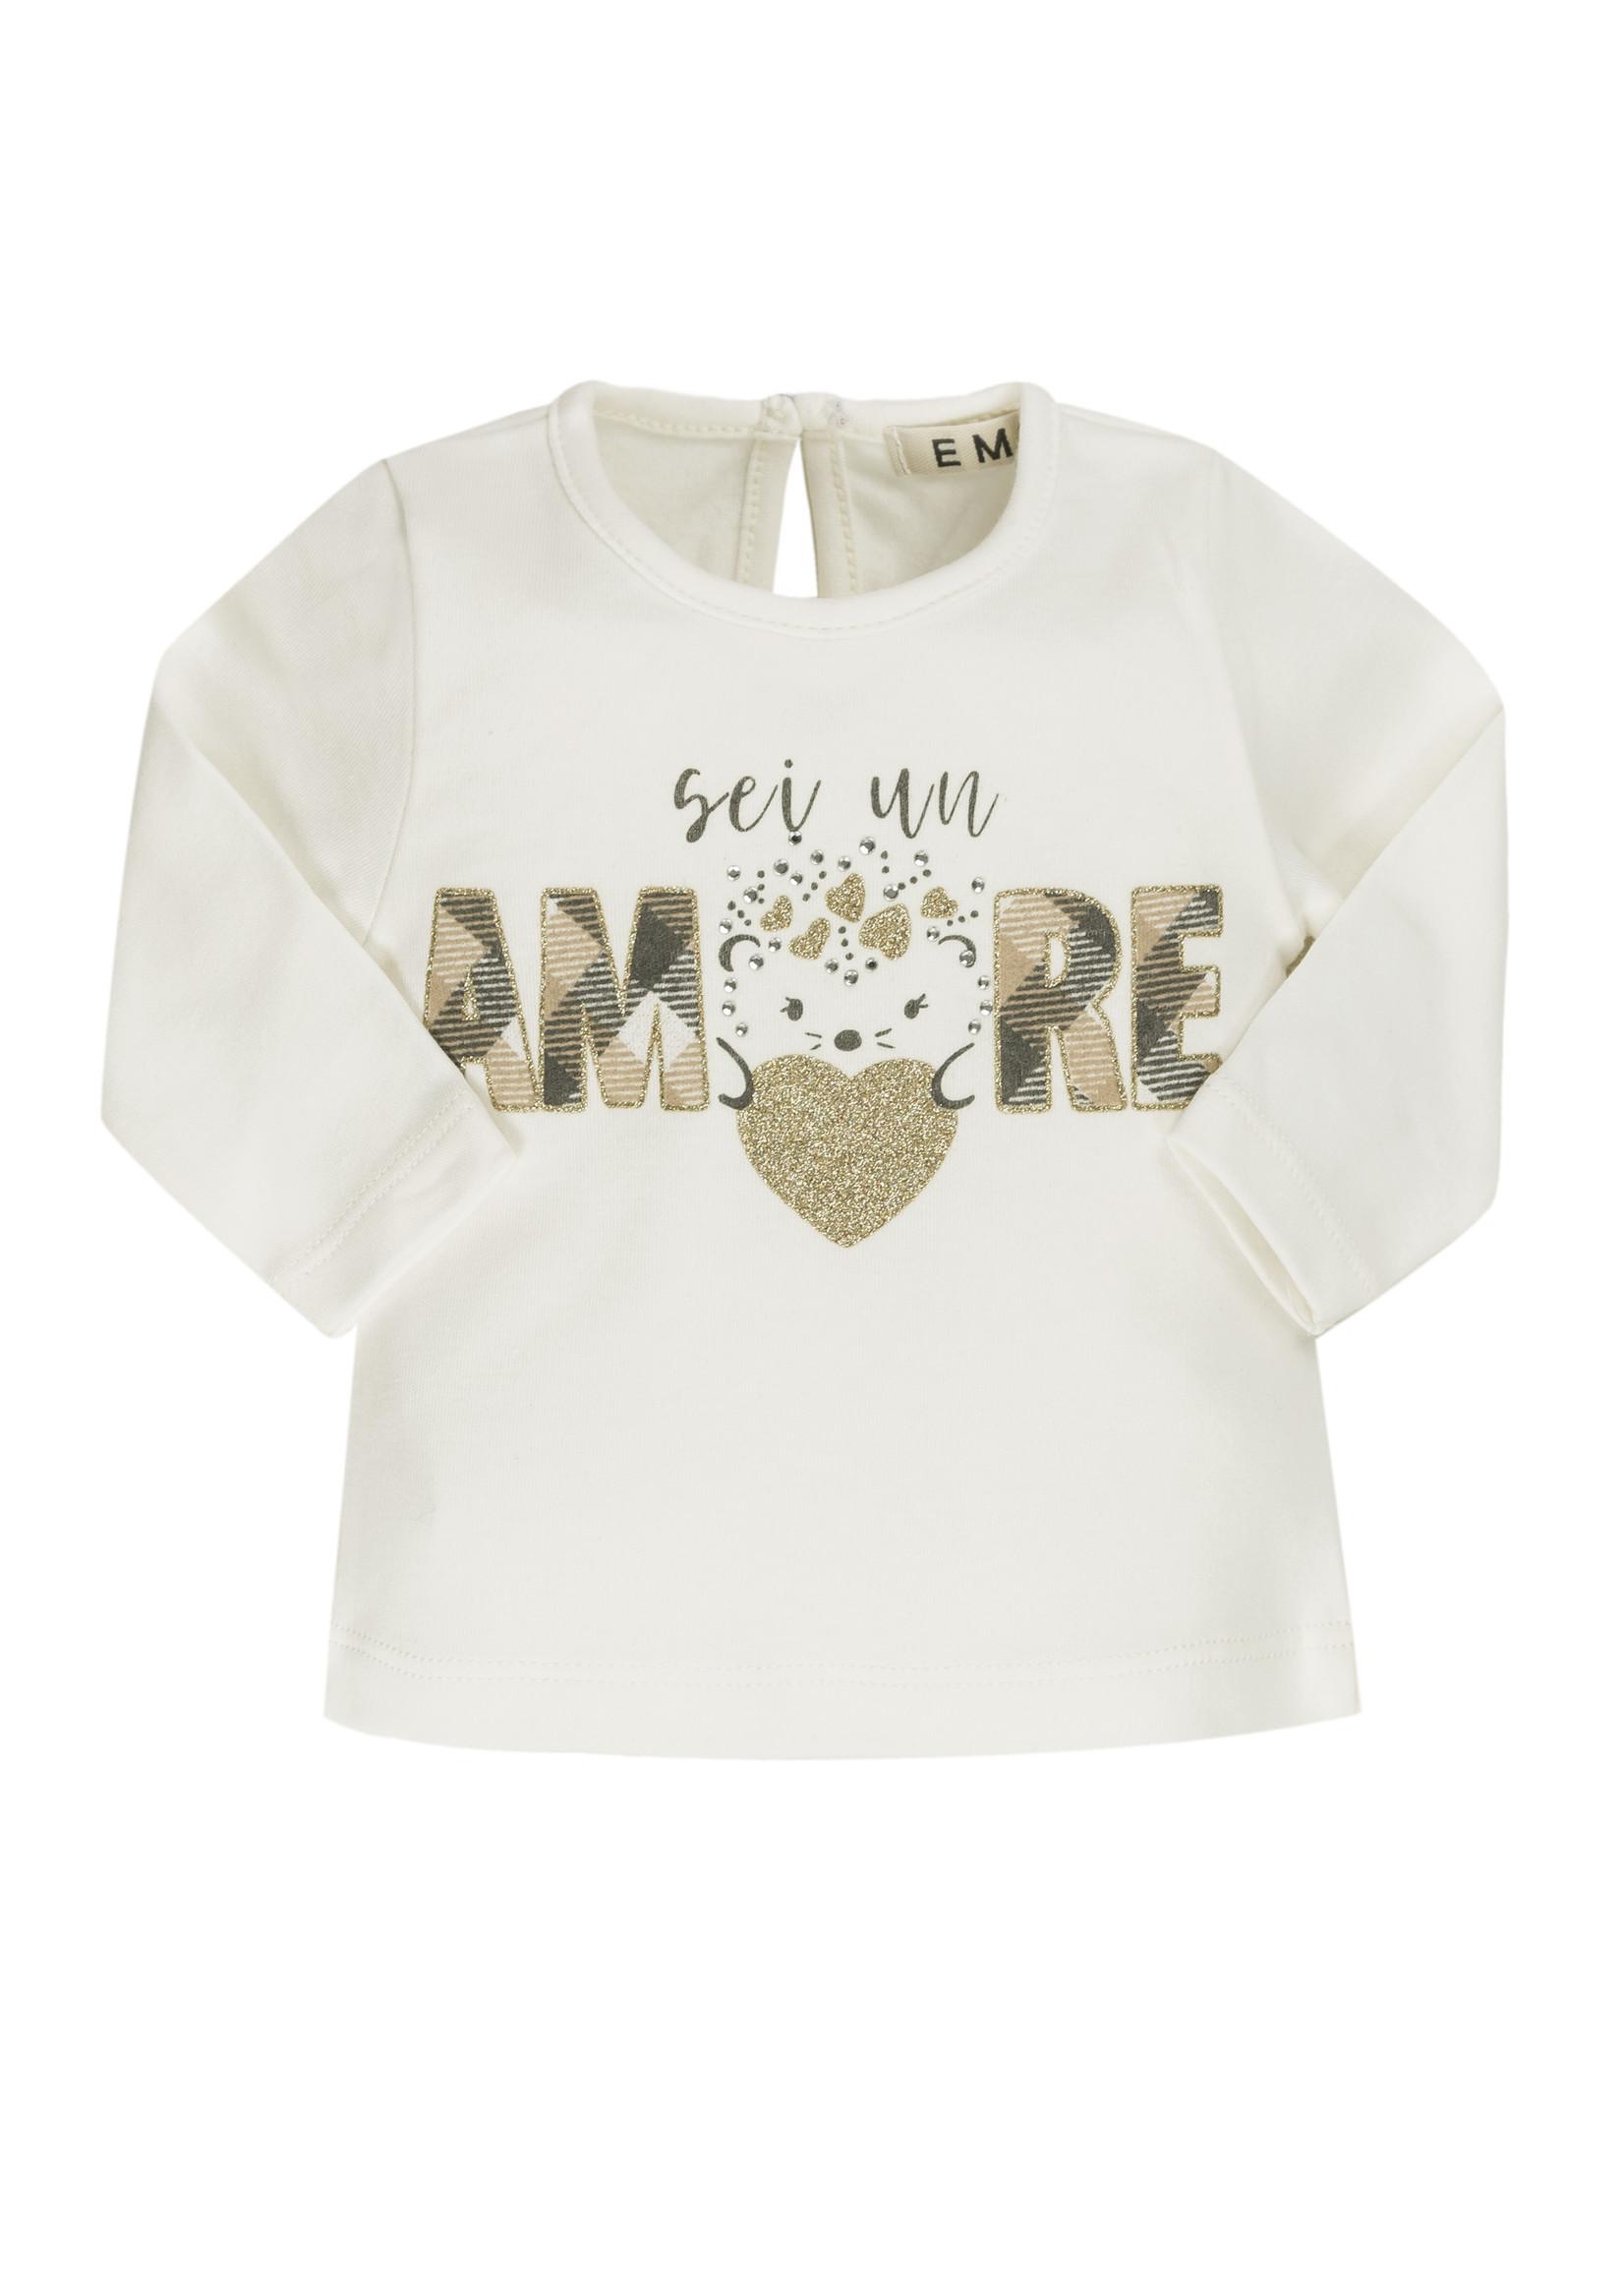 EMC EMC shirt amore